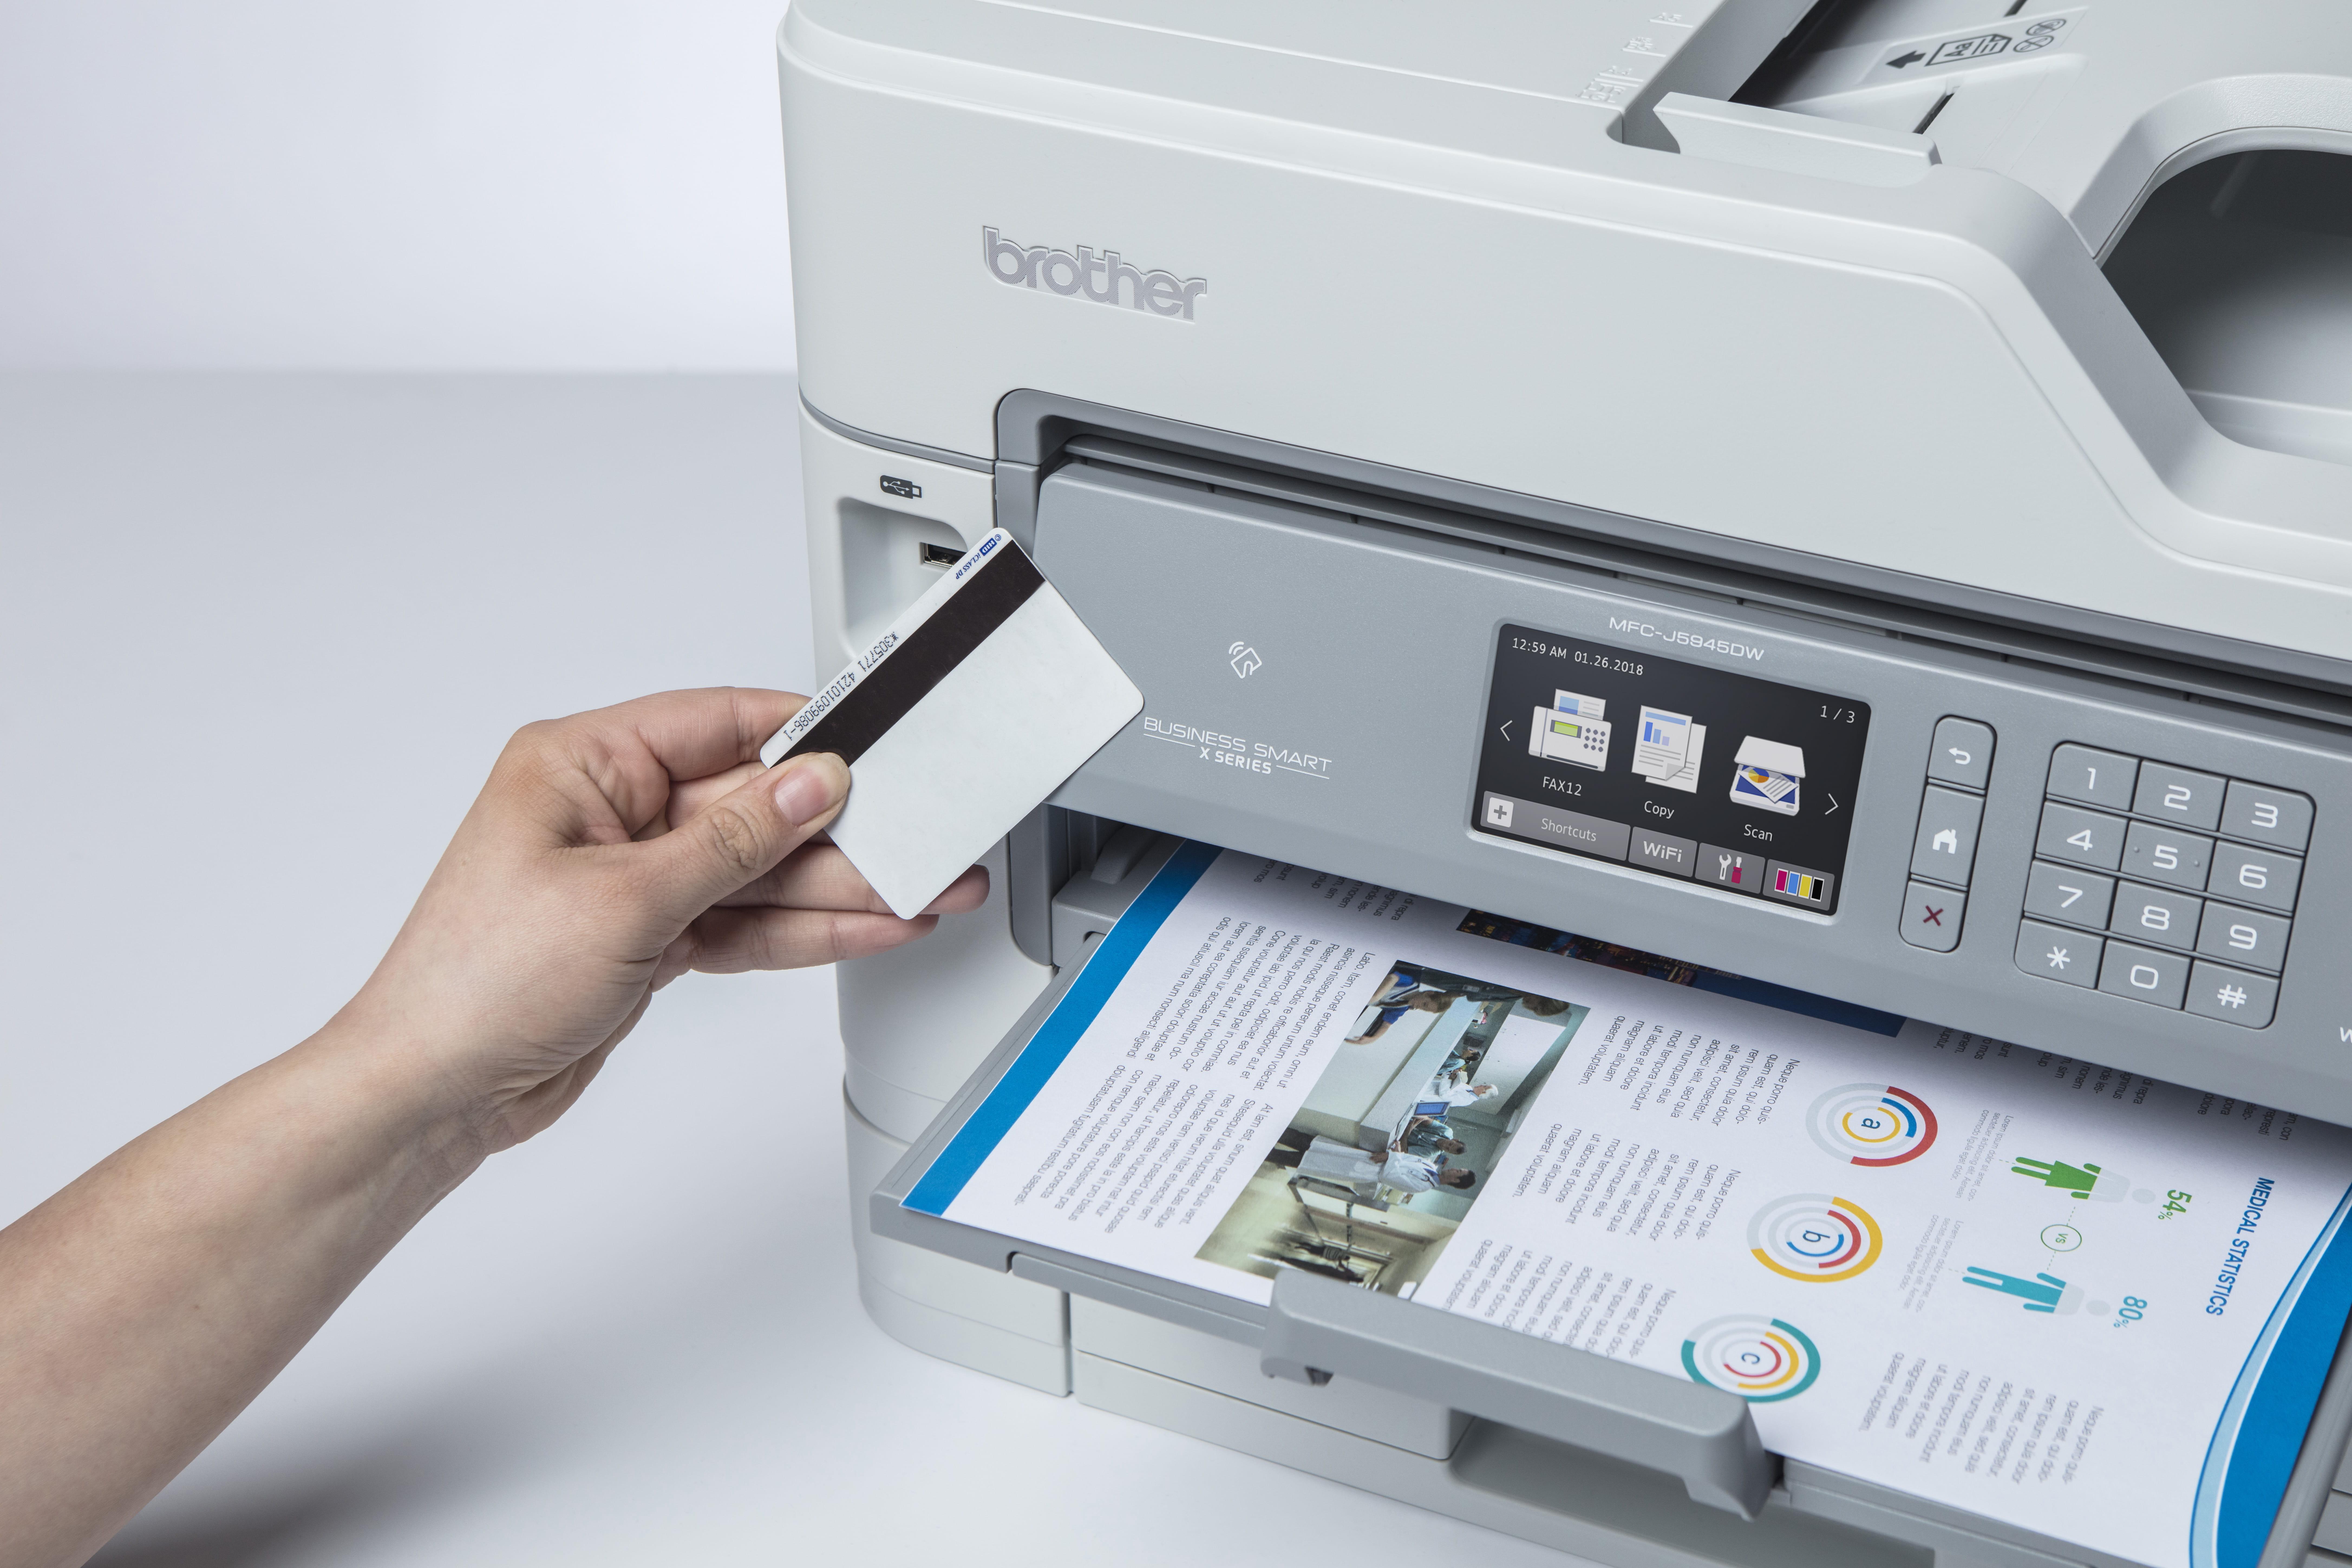 Barevná multifunkční inkoustová tiskárny MFC-J5945DW a identifikační karta